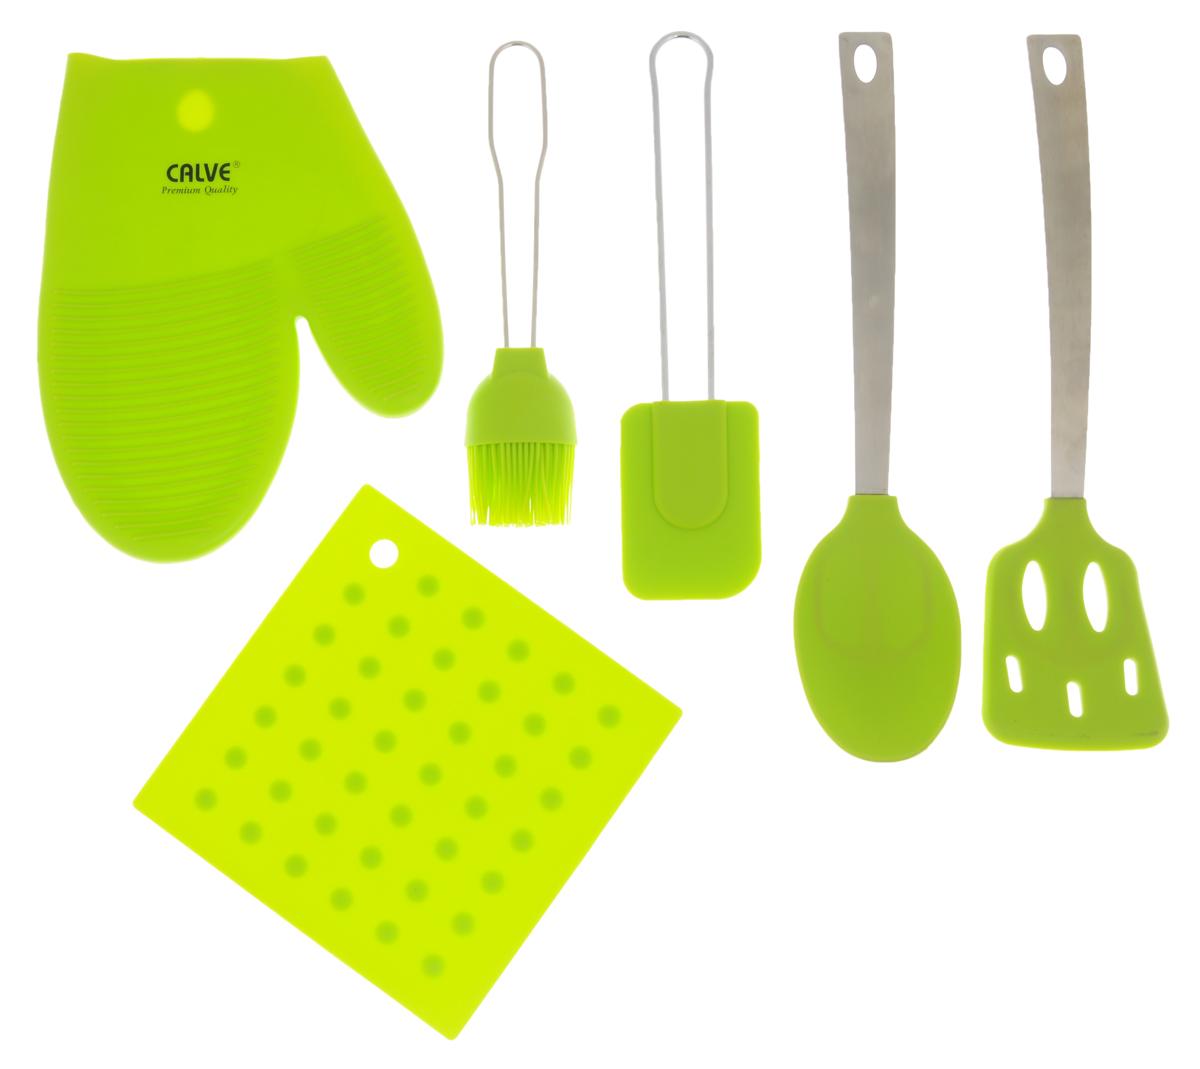 Набор кухонных принадлежностей Calve, цвет: салатовый, 6 предметовCL-4607_салатовыйНабор кухонных принадлежностей Calve включает в себя: силиконовуюподставку под горячее, прихватку-варежку, шумовку, ложку, лопатку и кисточку.Рабочая поверхность приборов выполнена из силикона- безопасного дляпродуктов питания материала.Силикон устойчив к перепадам температуры от -40°C до +230°C, практичен прихранении за счет гибкости.Ручки выполнены из нержавеющей стали. Лопатка иложка снабжены специальными отверстиями, благодаря которым, вы сможетеихподвесить в любое удобное место. Эксклюзивный дизайн, эстетичность и функциональность набора Calveпозволят ему занять достойное место среди кухонного инвентаря. Не используйте для чистки абразивные моющие средства и металлическиемочалки. Чистите принадлежности только с помощью мыльной воды и мягкой щетки. Размер подставки: 17 х 17 см. Размер прихватки-варежки: 22 х 17 см. Общая длина шумовки: 31 см. Размер рабочей поверхности шумовки: 11 х 7,2 см. Общая длина ложки: 32 см. Размер рабочей поверхности ложки:11,7 х 7 см. Общая длина лопатки: 25,2 см. Размер рабочей поверхности лопатки: 8,5 х 6,2 см. Общая длина кисточки: 21,5 см. Размер рабочей поверхности кисточки: 8 х 5,3 см.